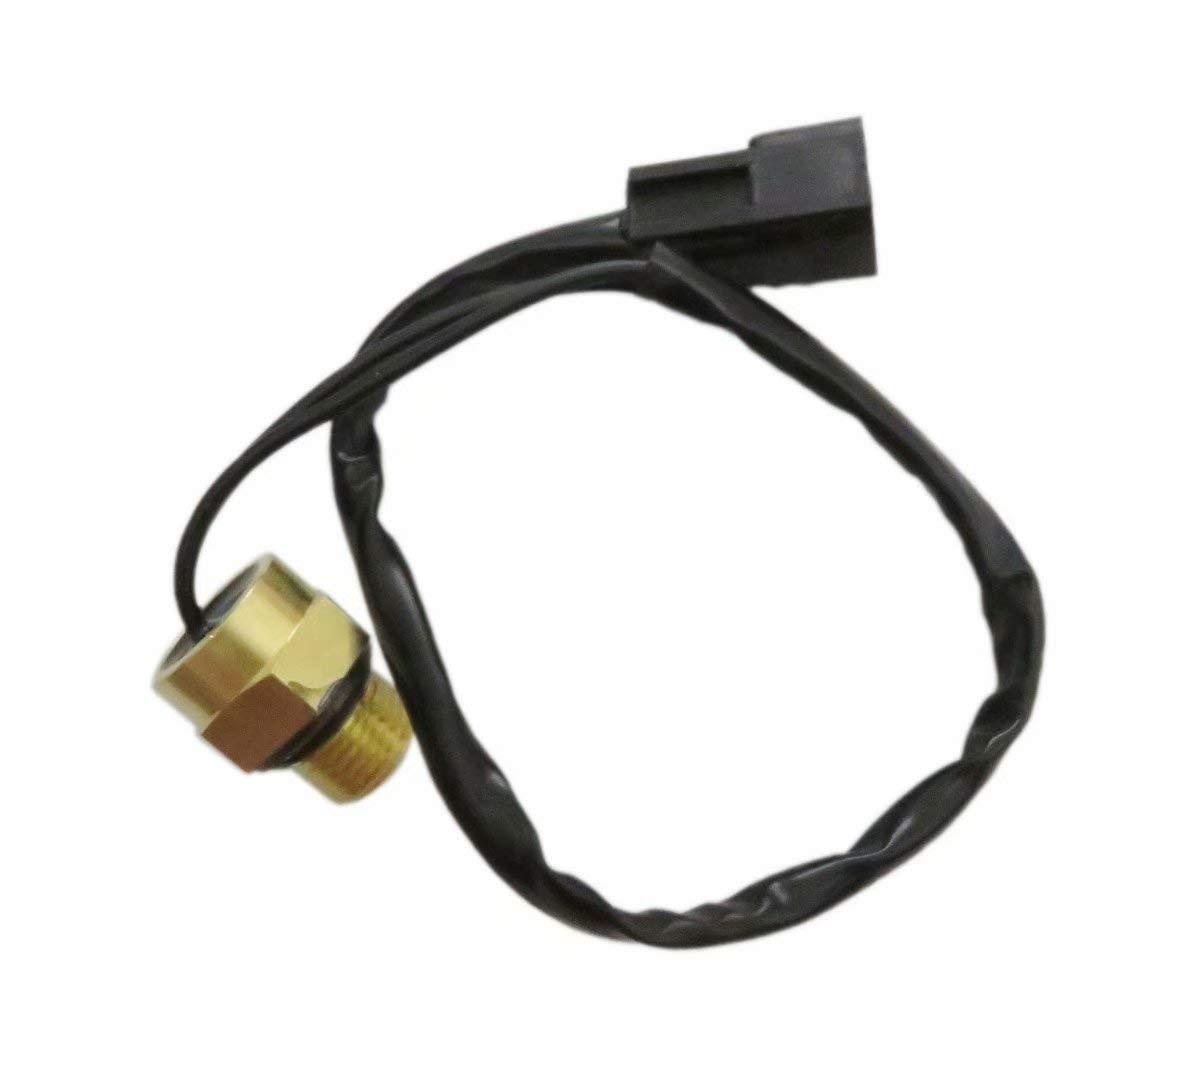 Cooling Radiator Thermal Switch Sensor for Polaris Sportsman Xplorer Scrambler 4010161